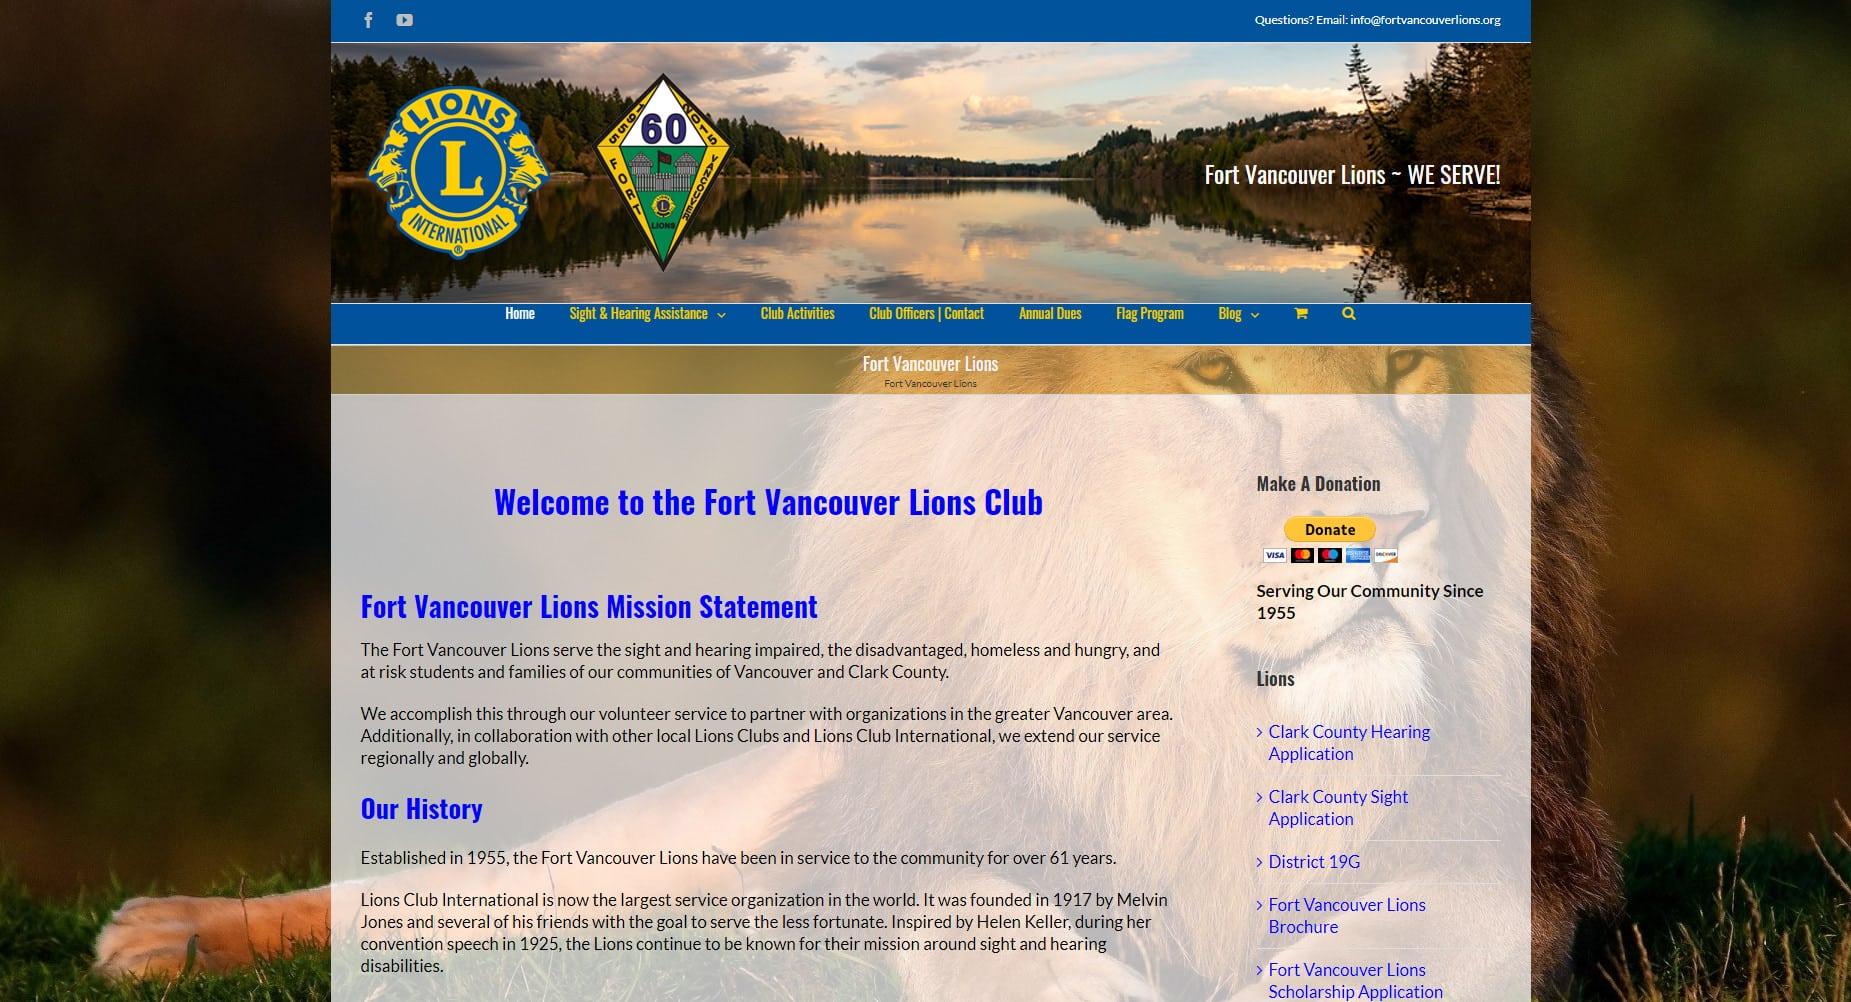 Fort Vancouver Lions Non Profit Website